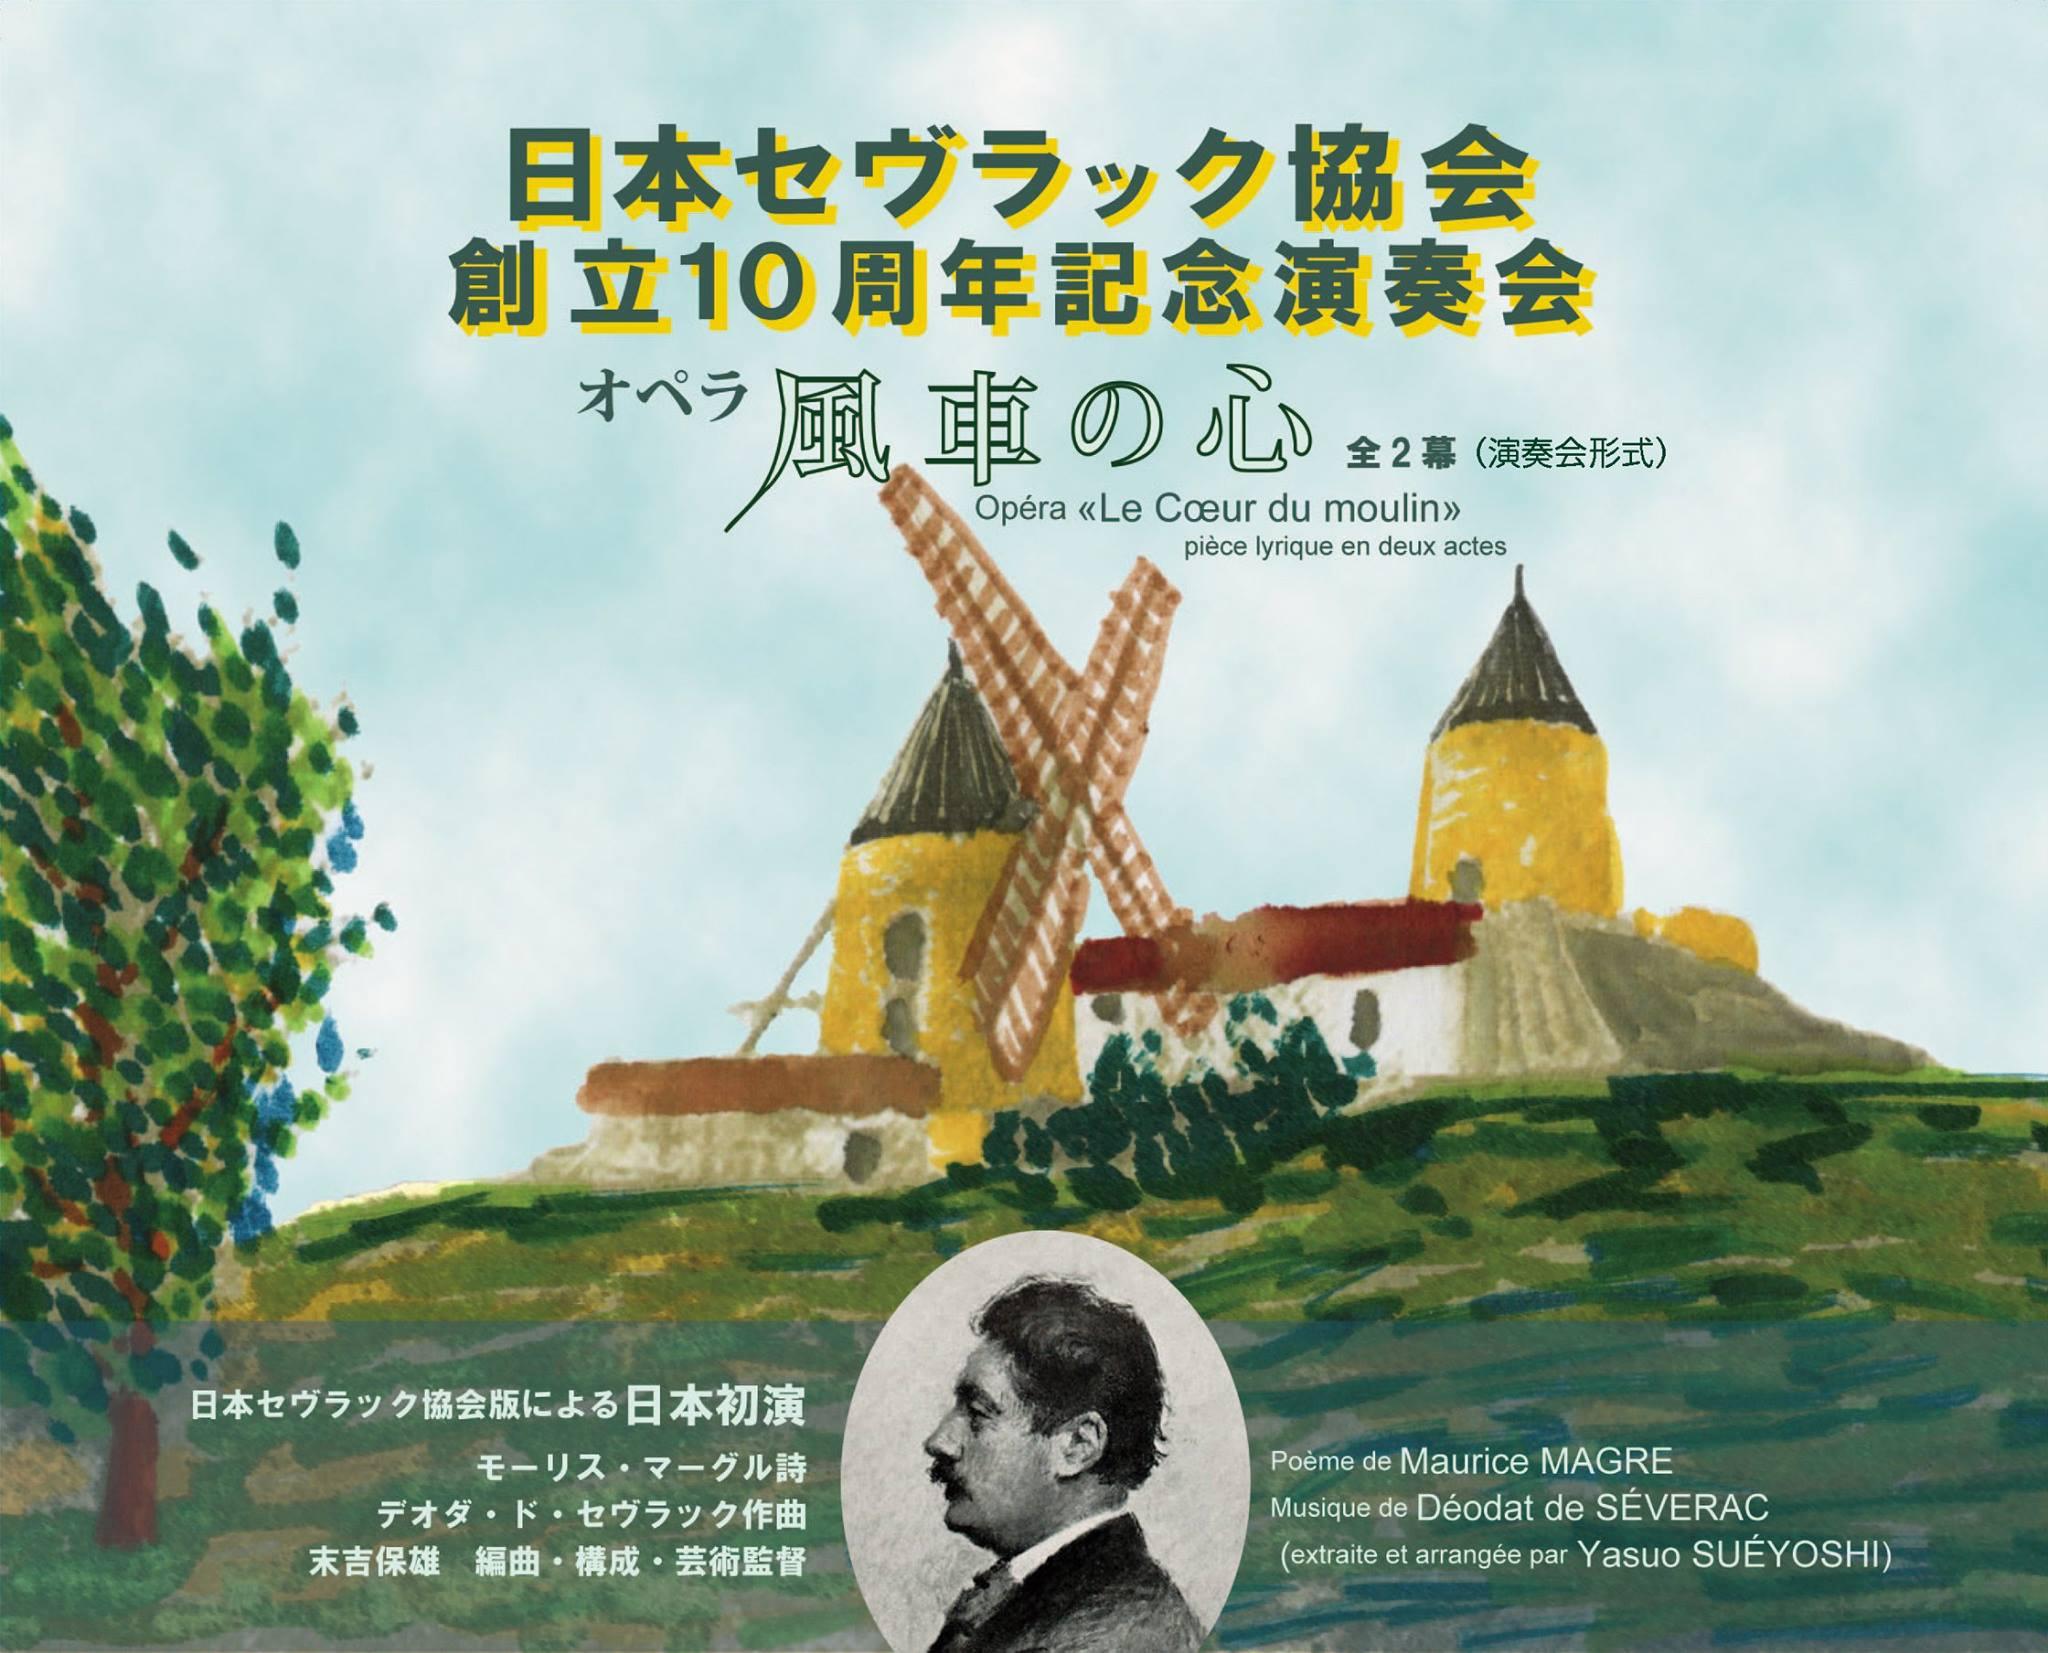 オペラ《風車の心》日本初演!_e0292489_037493.jpg